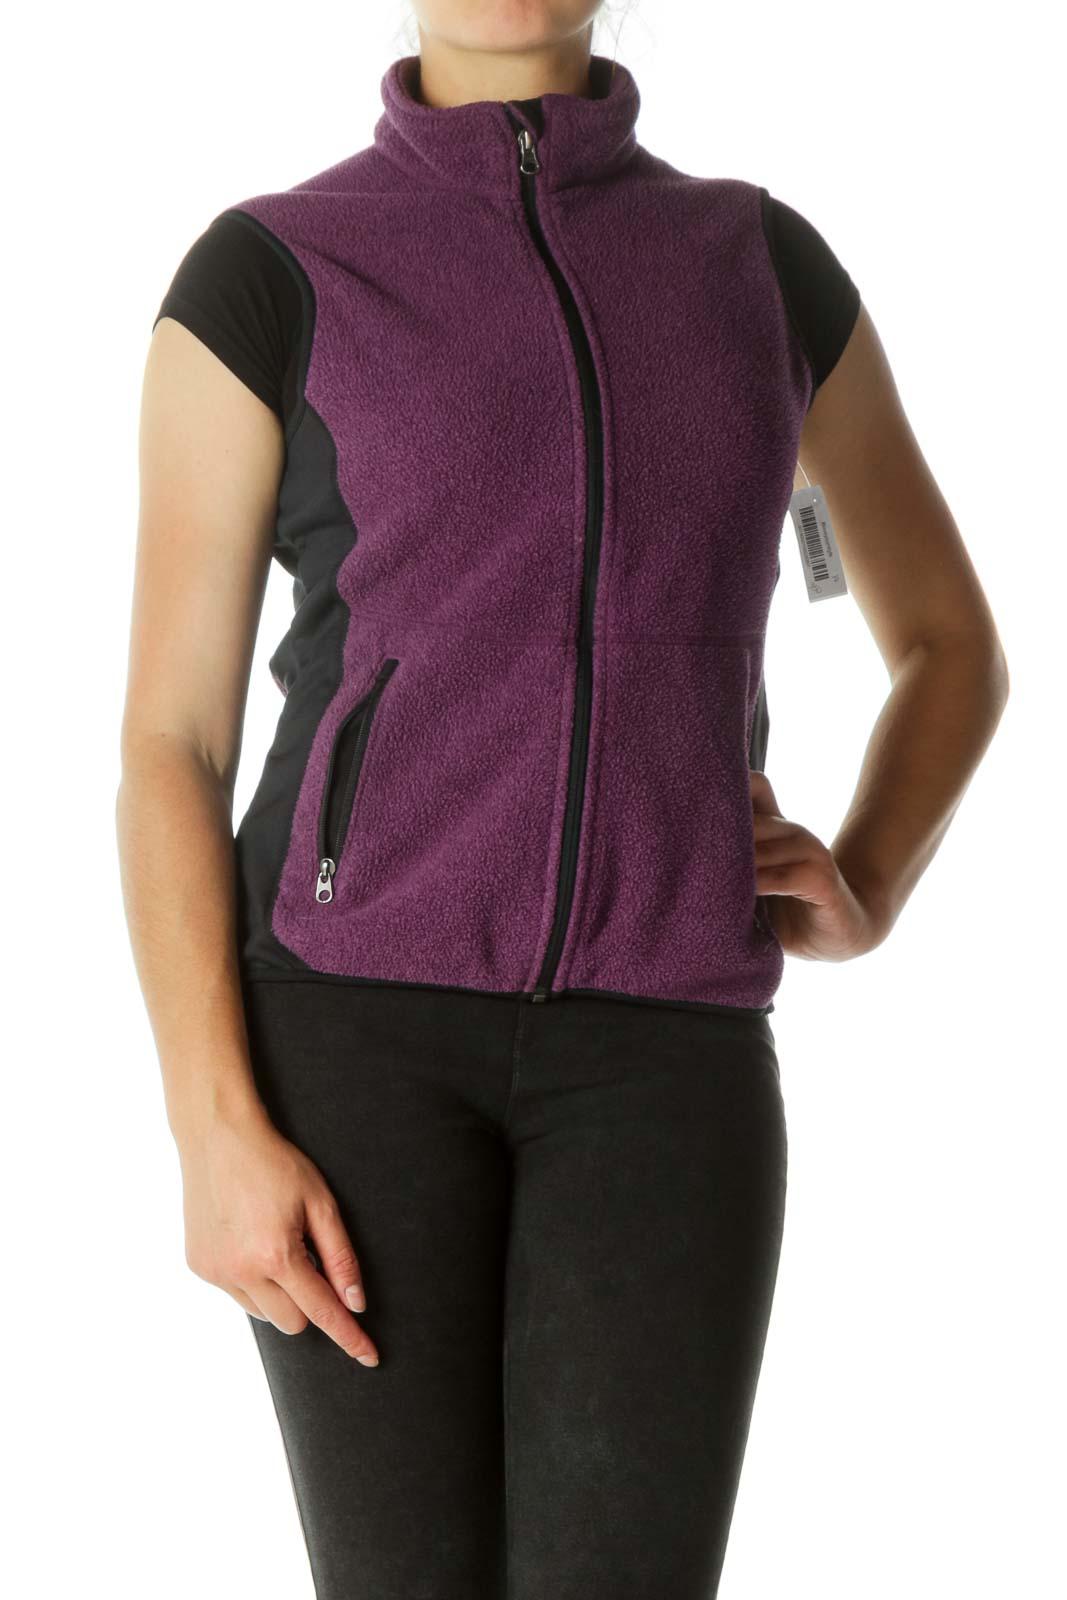 Purple & Black Zippered Fleece Vest